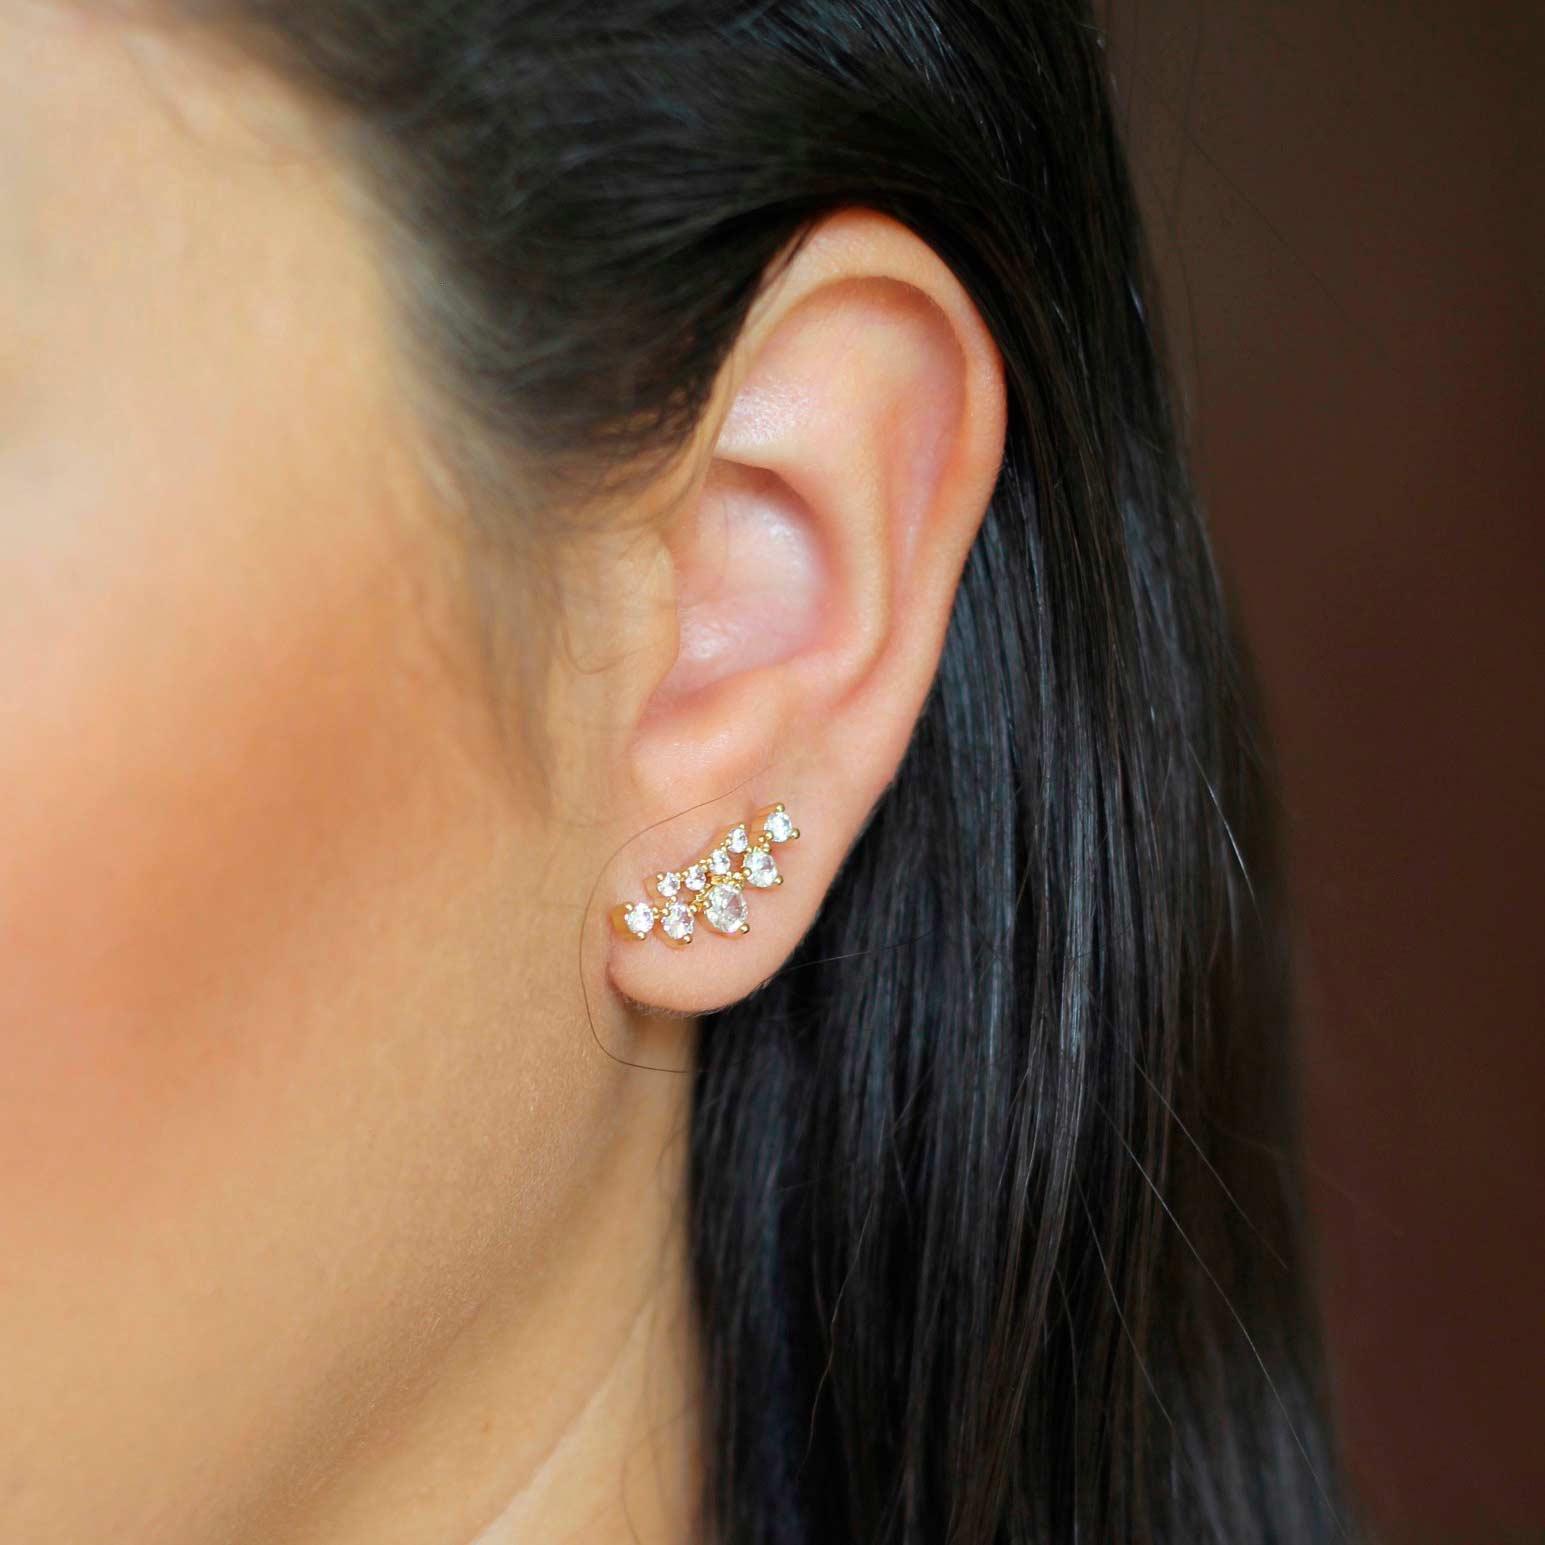 Brinco Ear Cuff Gotas em Zircônias Folheado a Ouro 18K